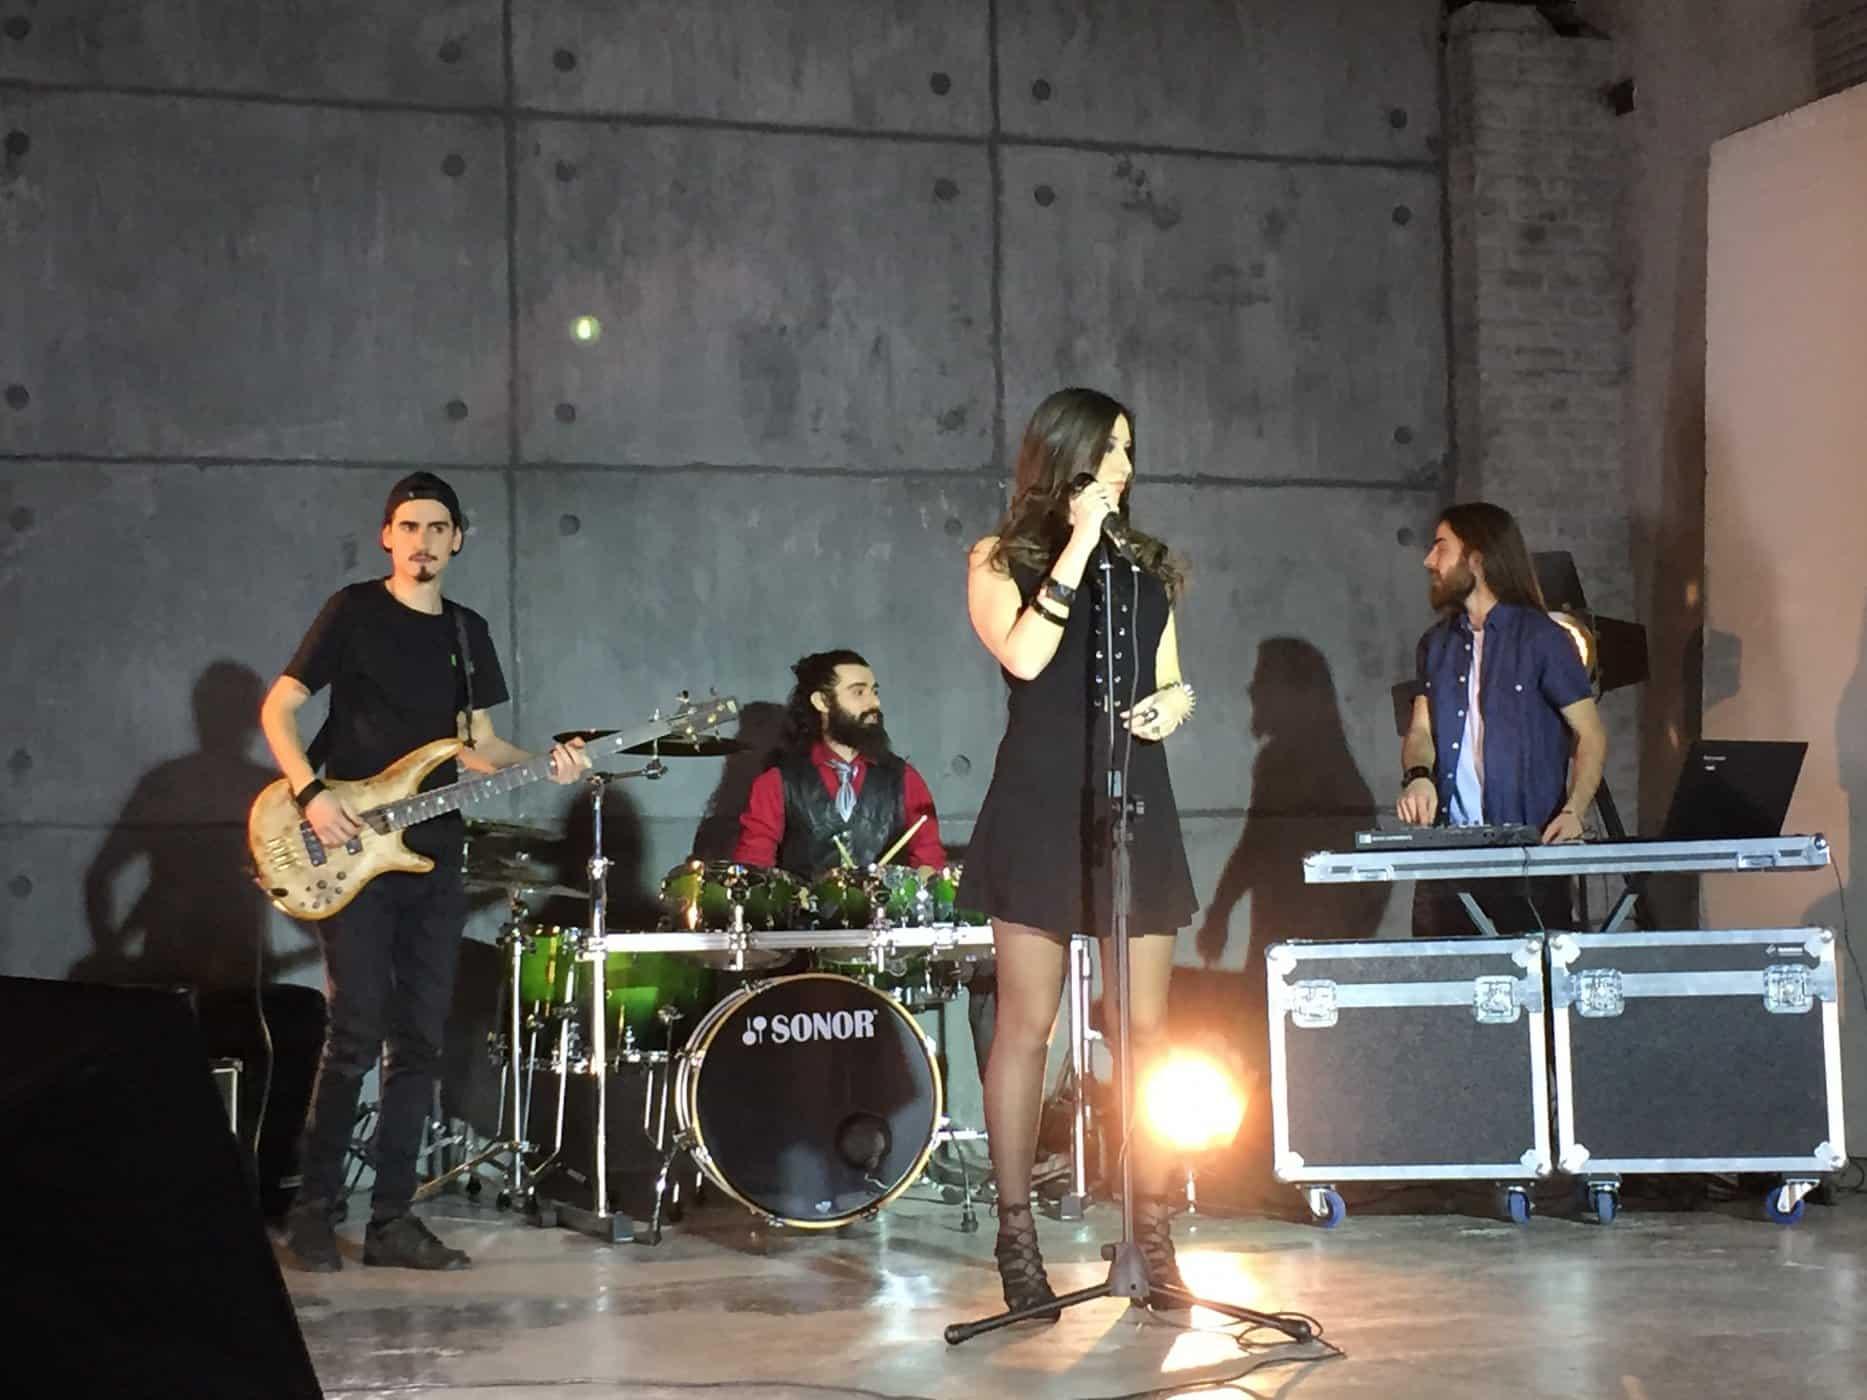 videoclip-musicali-videoproduzioni-postproduzione-band-artisti-emergenti-video-riprese (5)